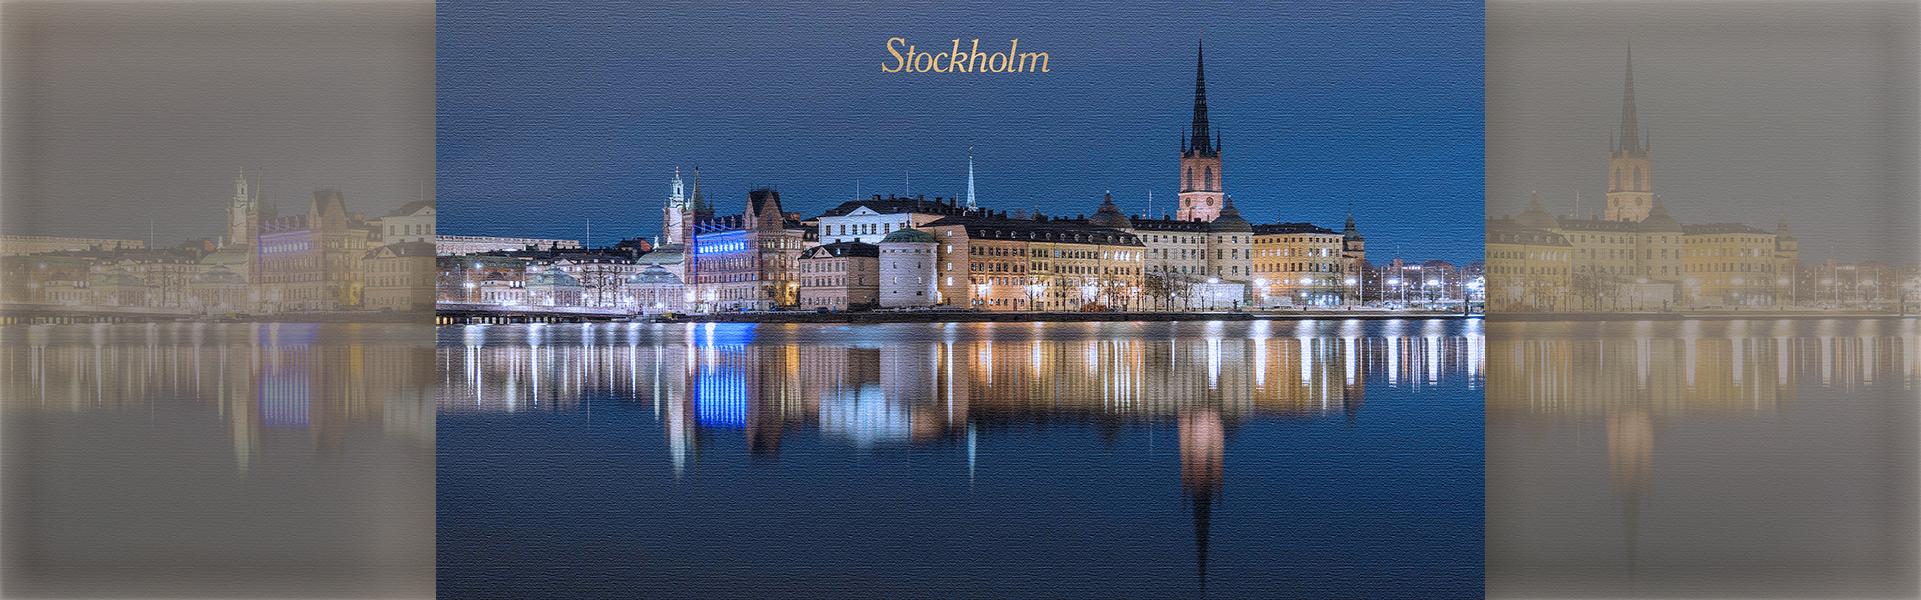 Stockholm 9 слайдер 2